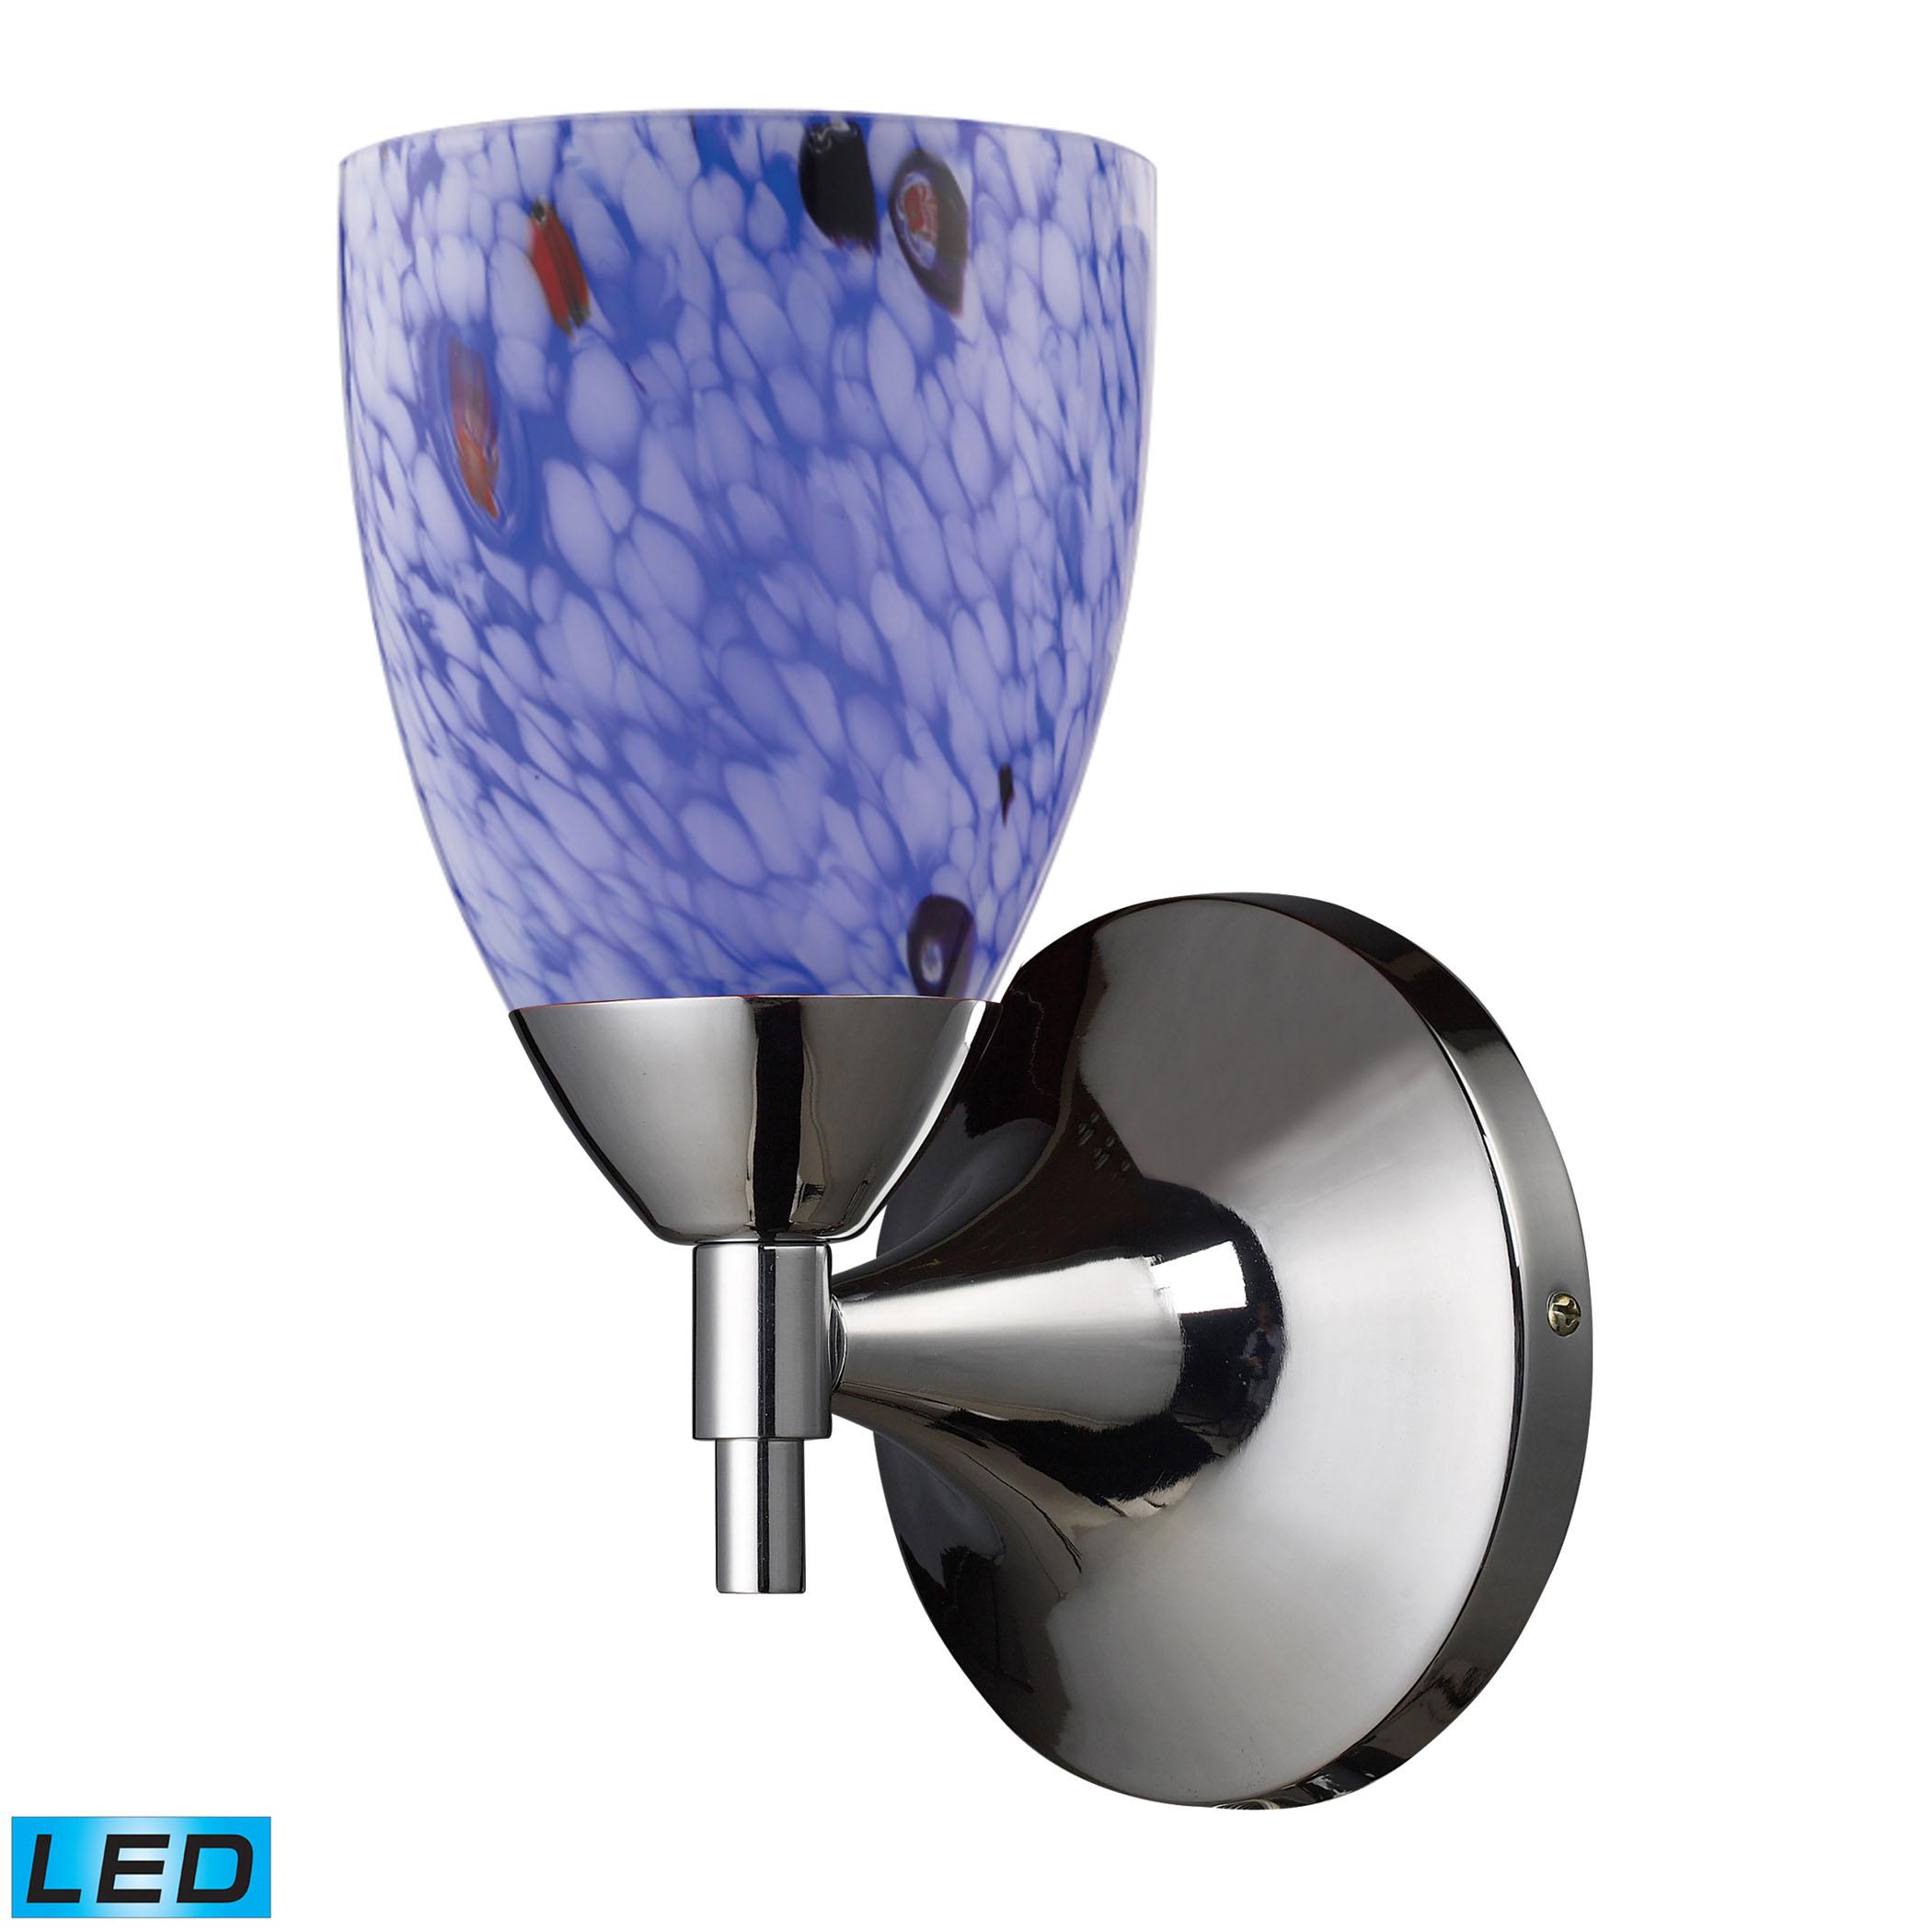 ELK Lighting Celina 1 Light LED Sconce In Polished Chrome Starburst Blue Glass